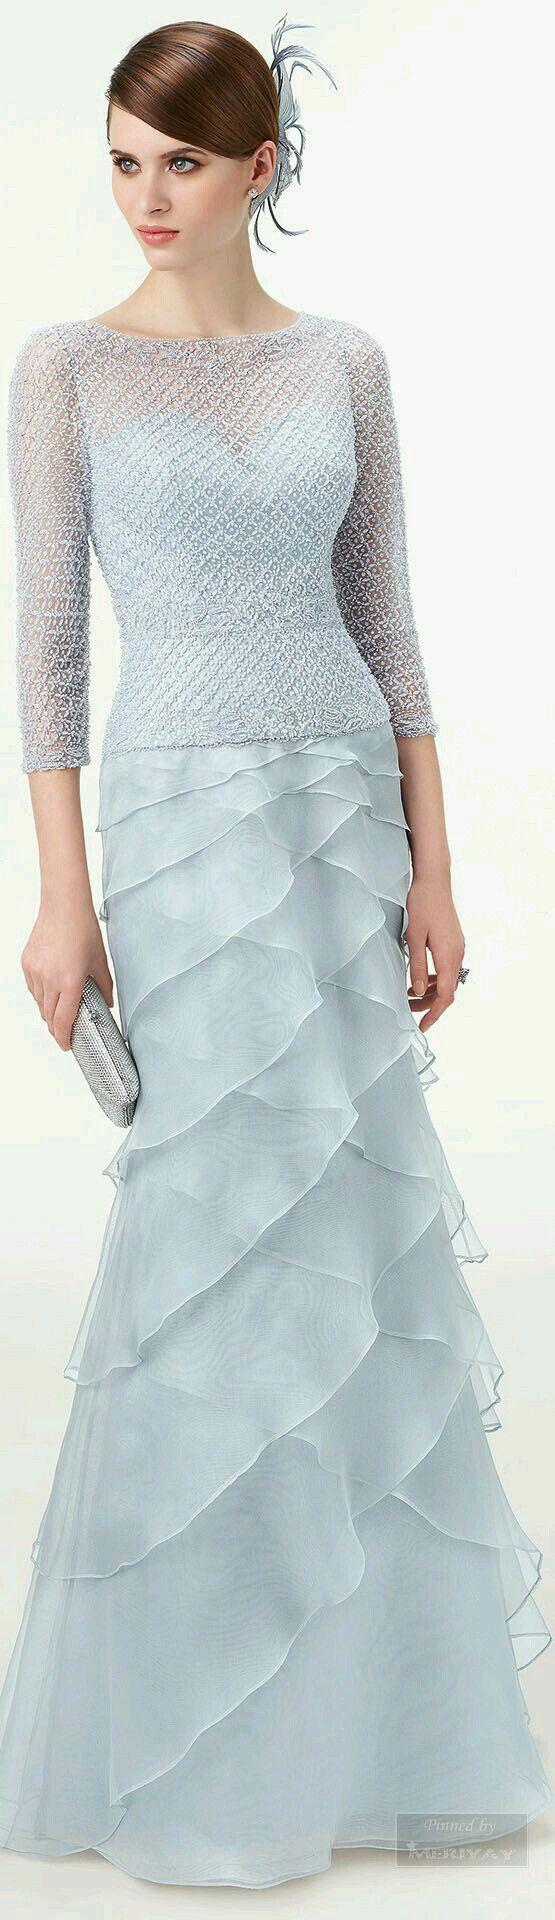 23 best vestidos madre de novia images on Pinterest | Party fashion ...